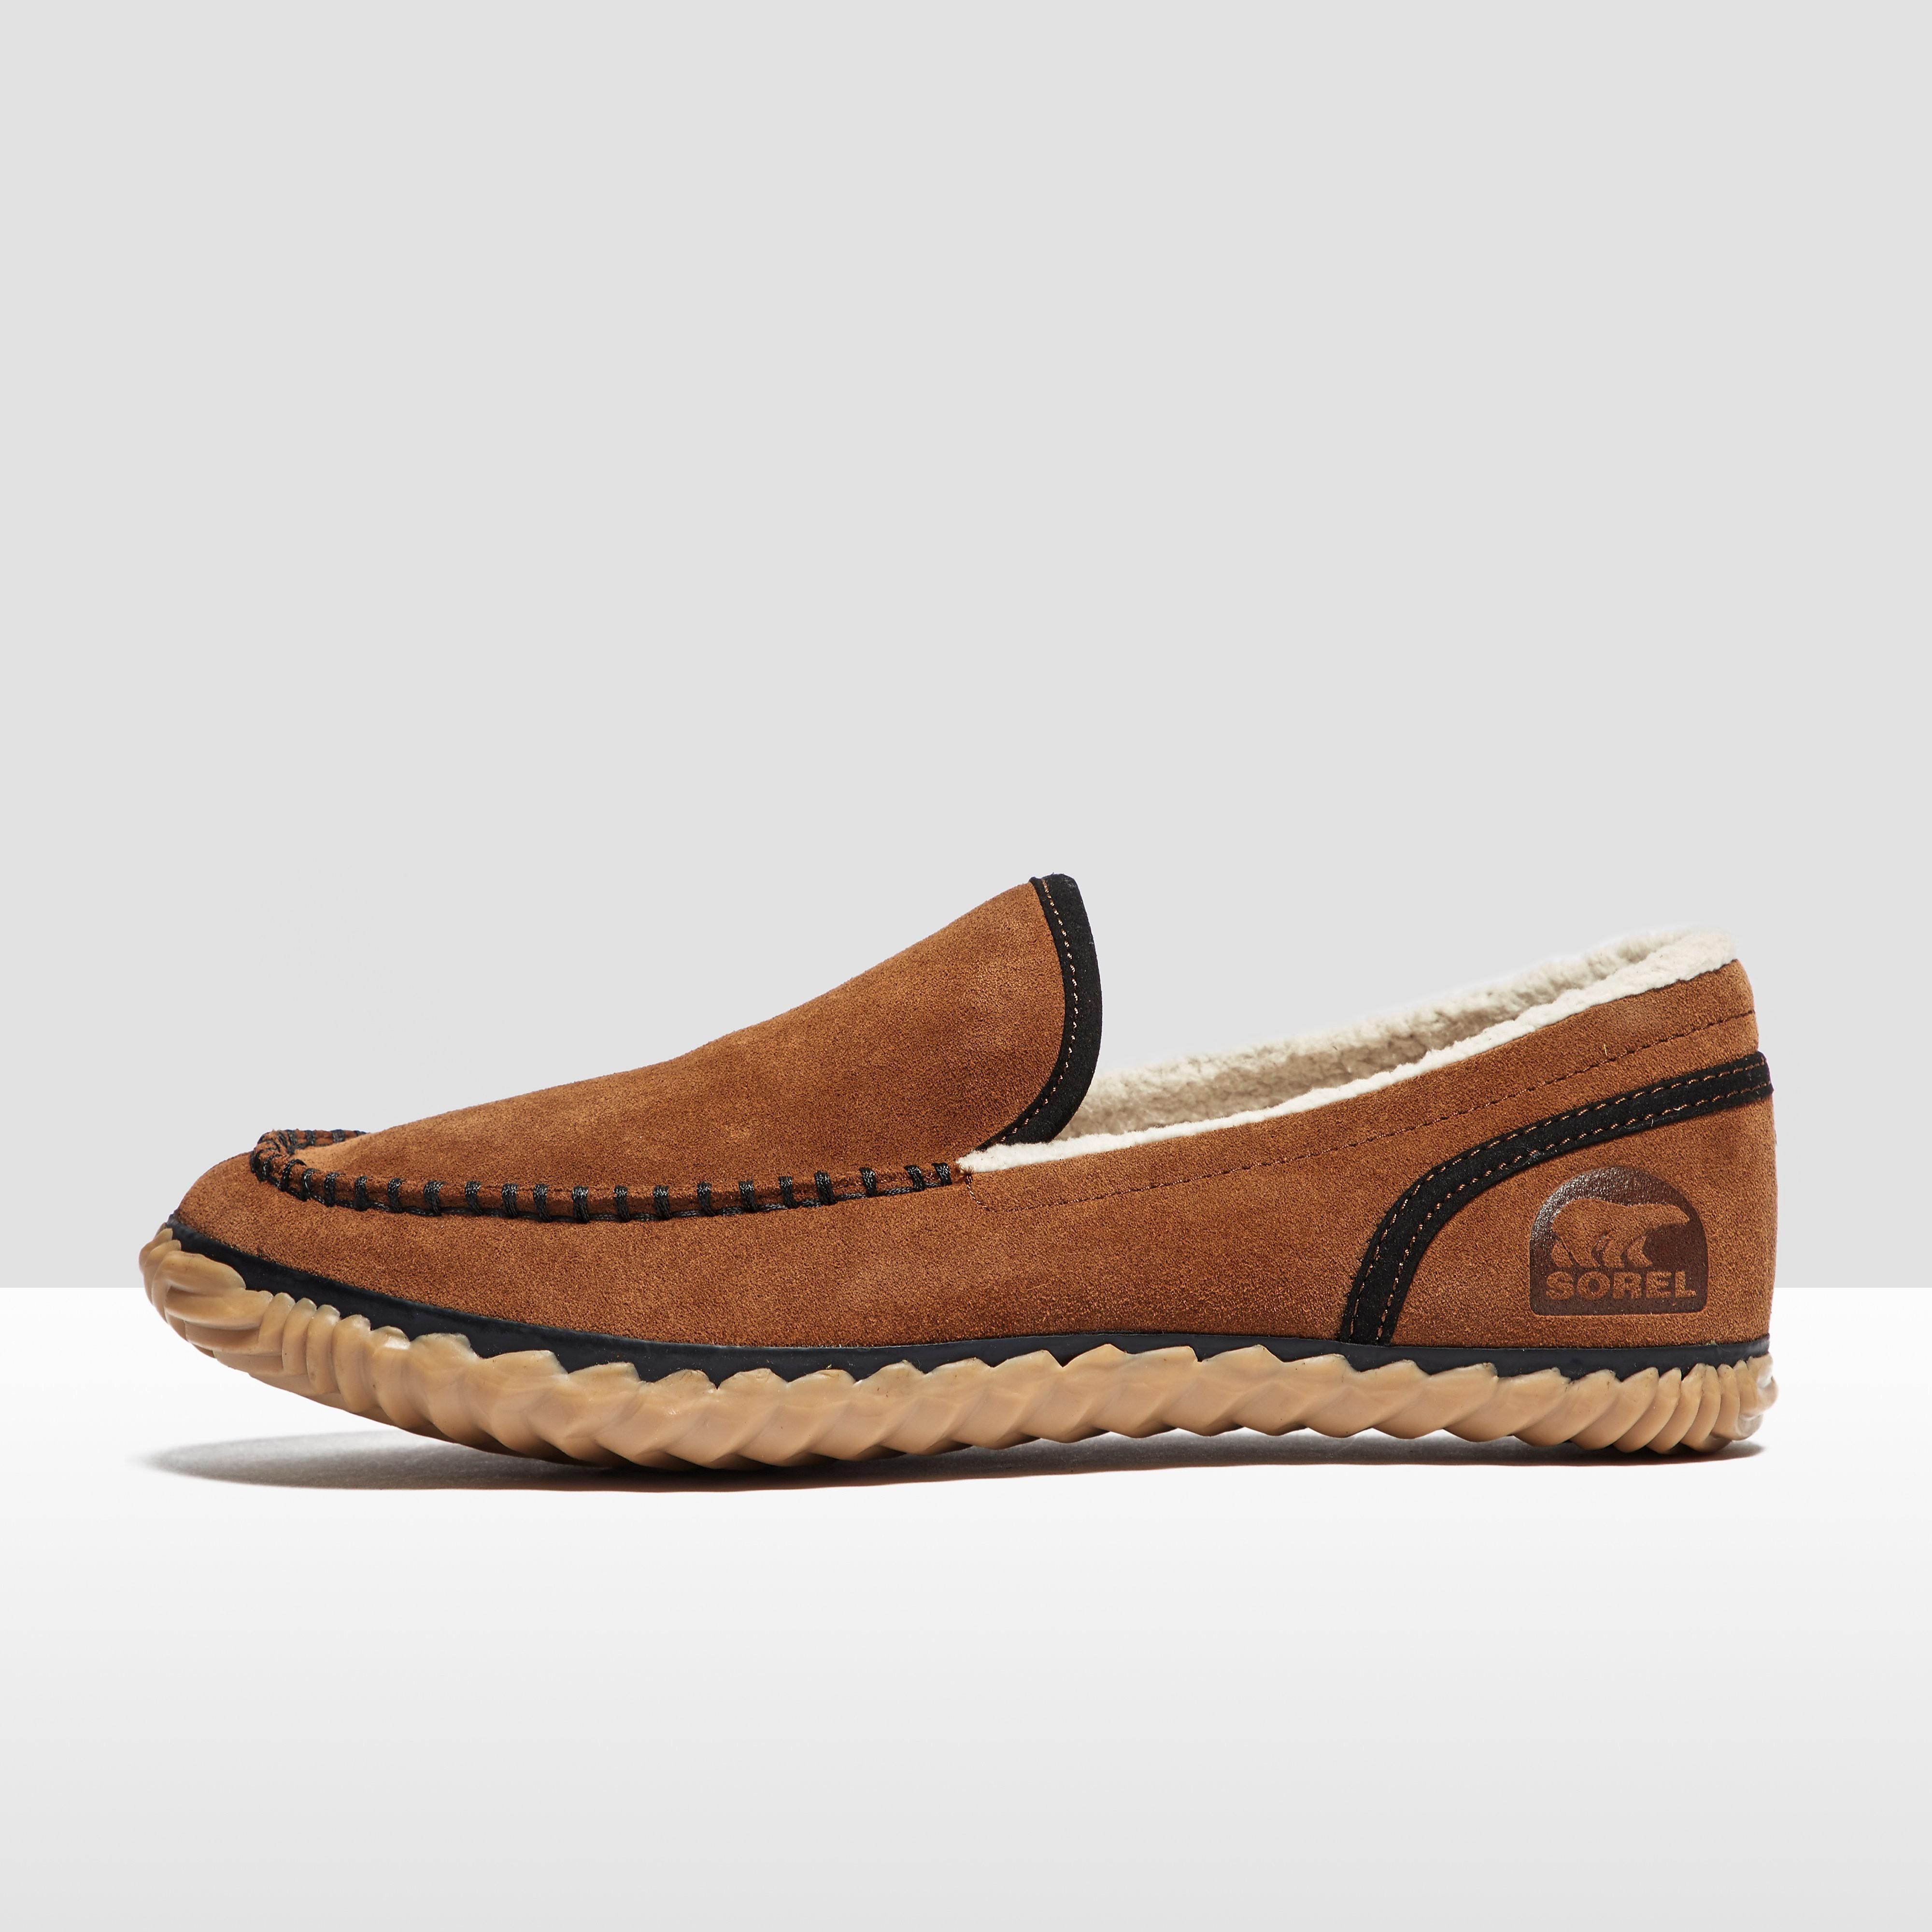 Sorel MEN'S DUDE MOC Slipper Shoes